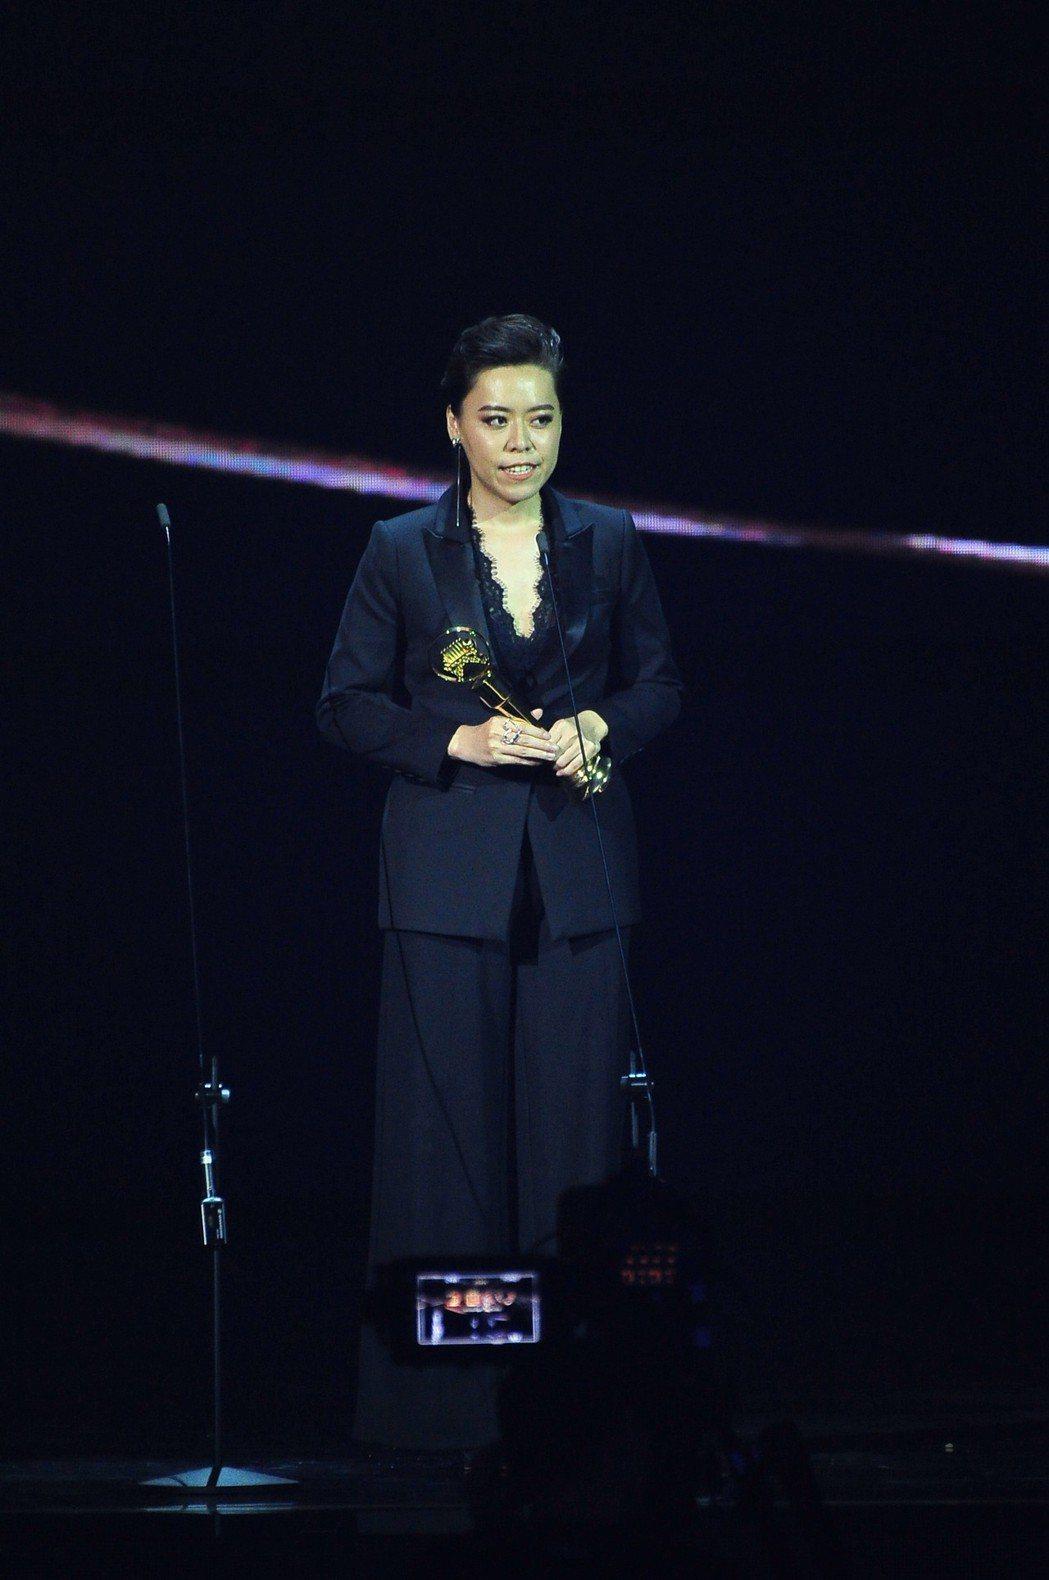 中華電信員工江惠儀拿下台語歌后。圖/台視提供